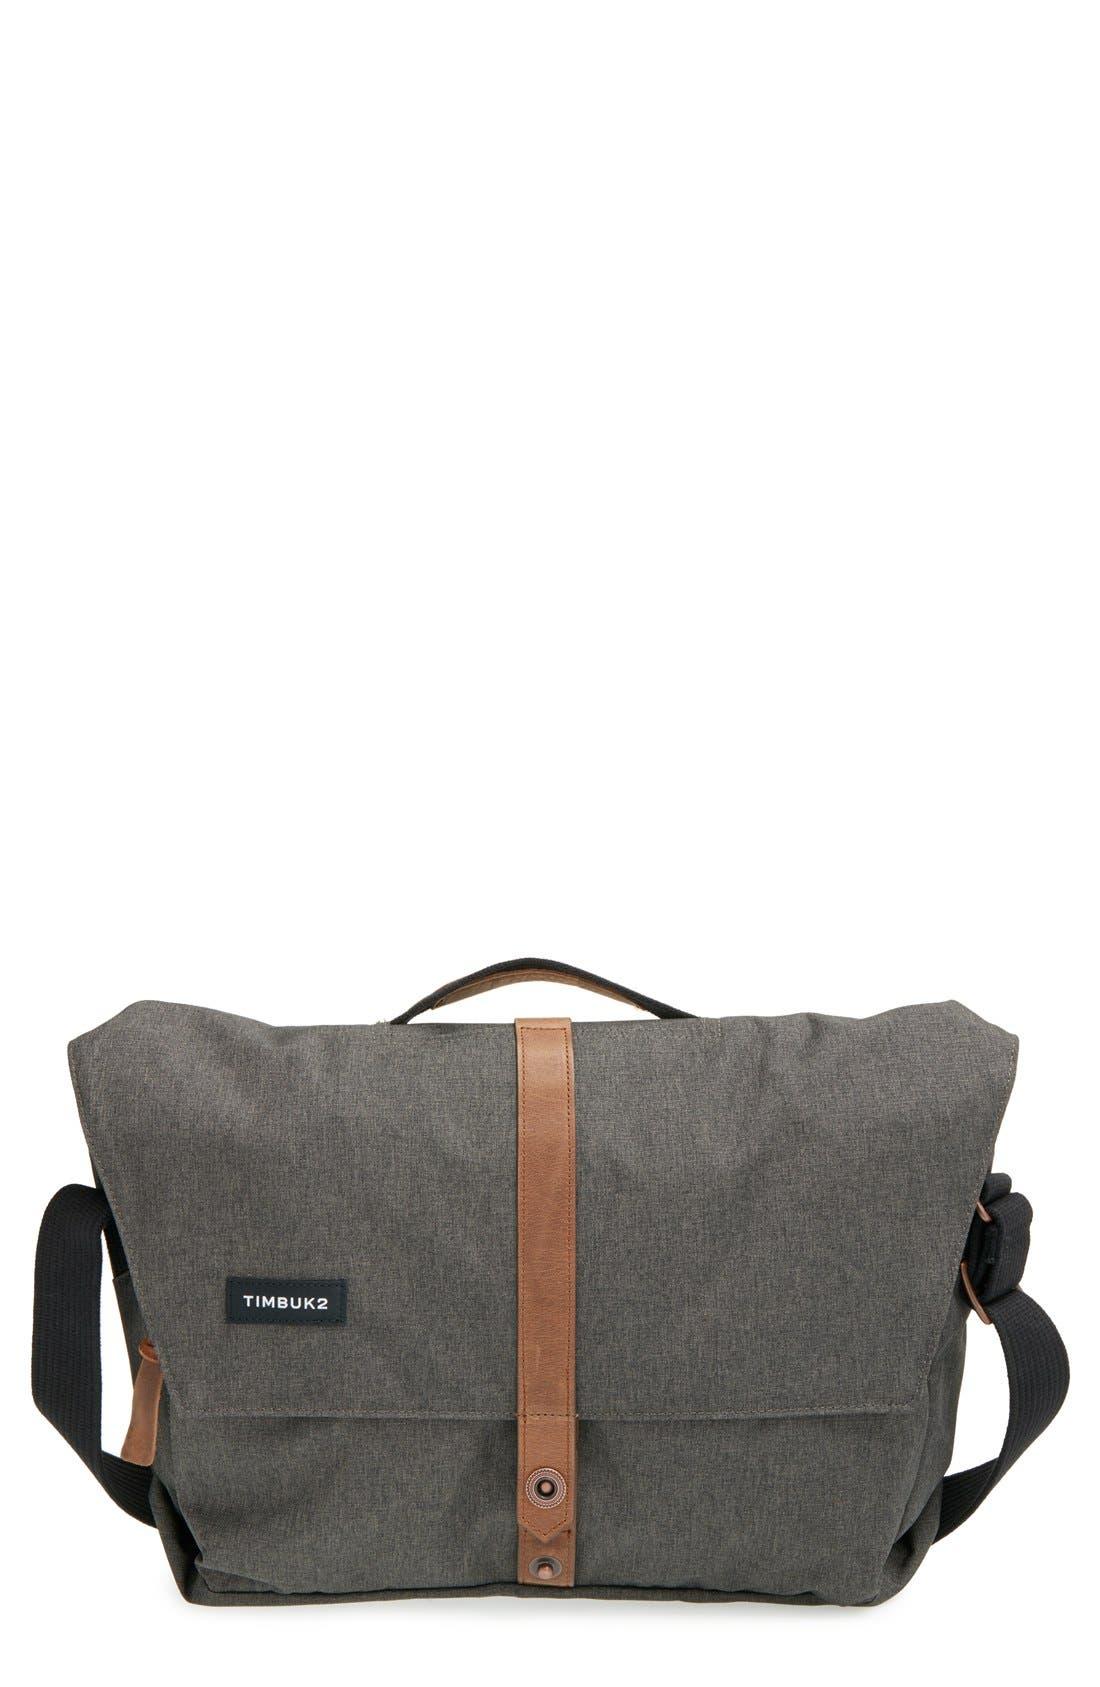 TIMBUK2 'Sunset' Messenger Bag, Main, color, 001